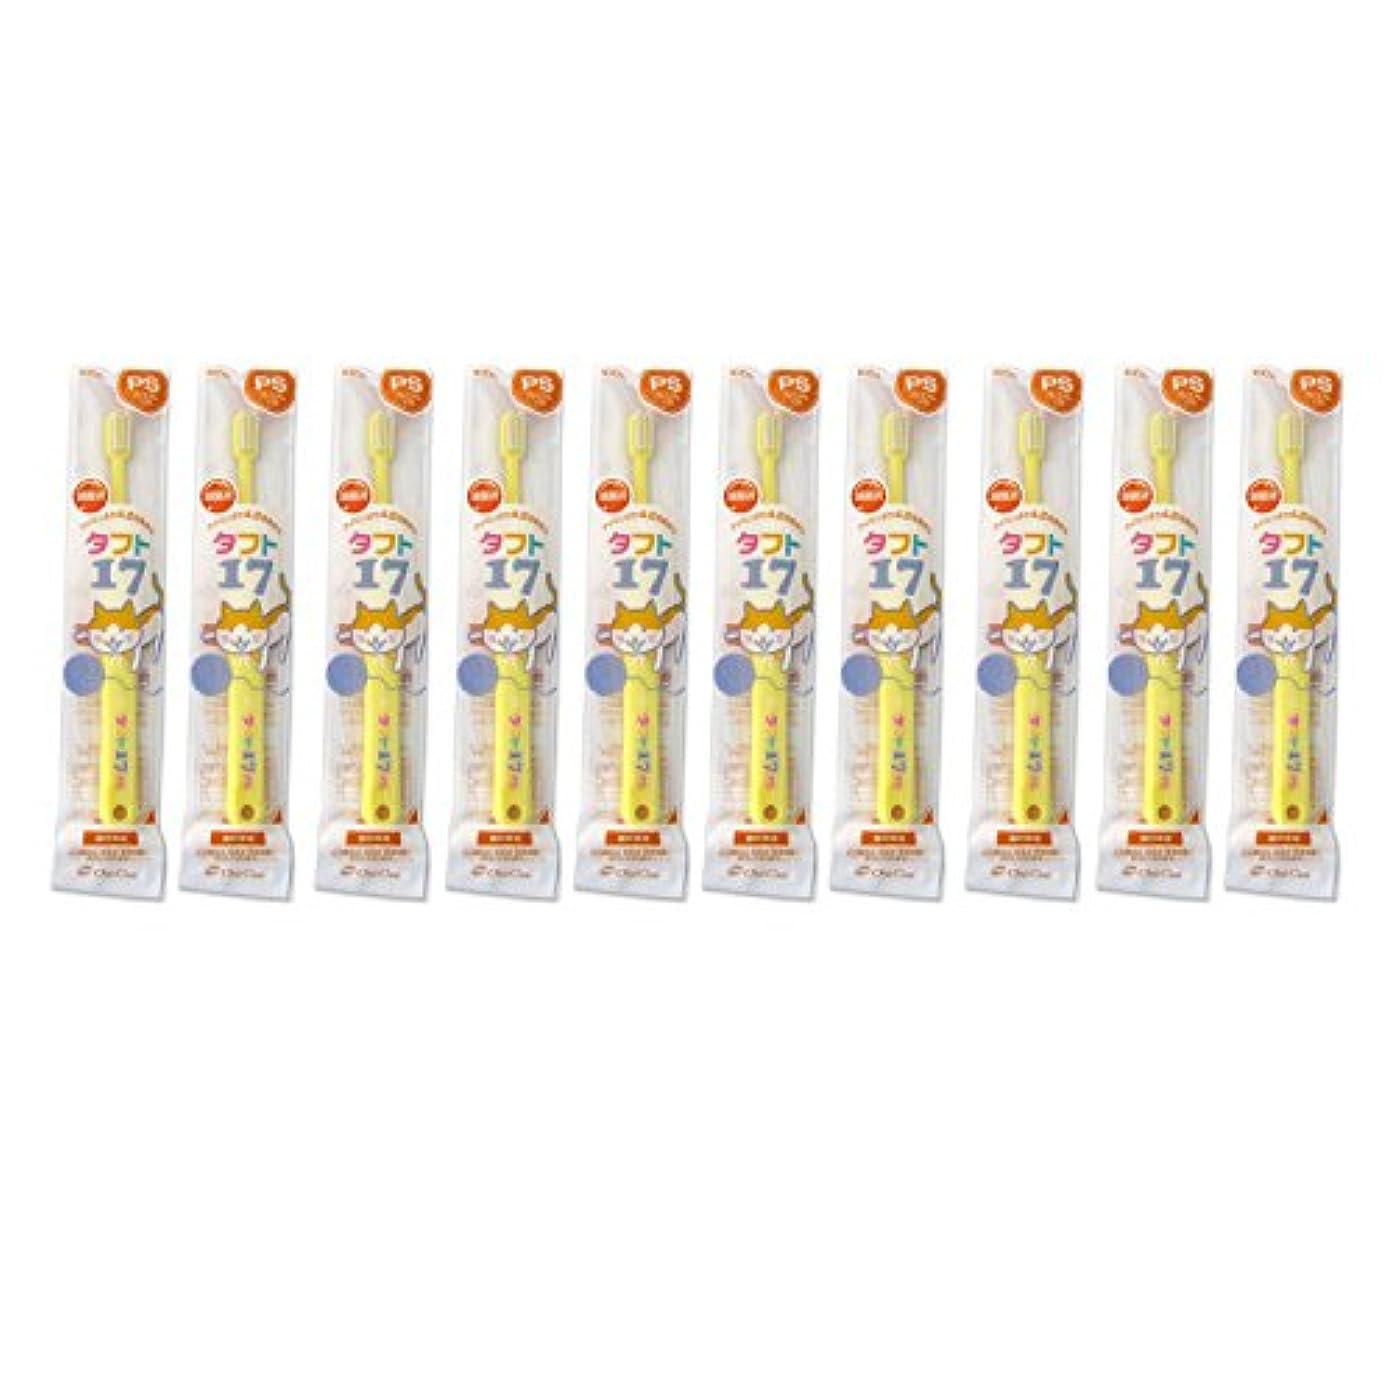 入植者不合格始まりタフト17 10本 オーラルケア タフト17/プレミアムソフト 子供 タフト 乳歯列期(1~7歳)こども歯ブラシ 10本セット イエロー